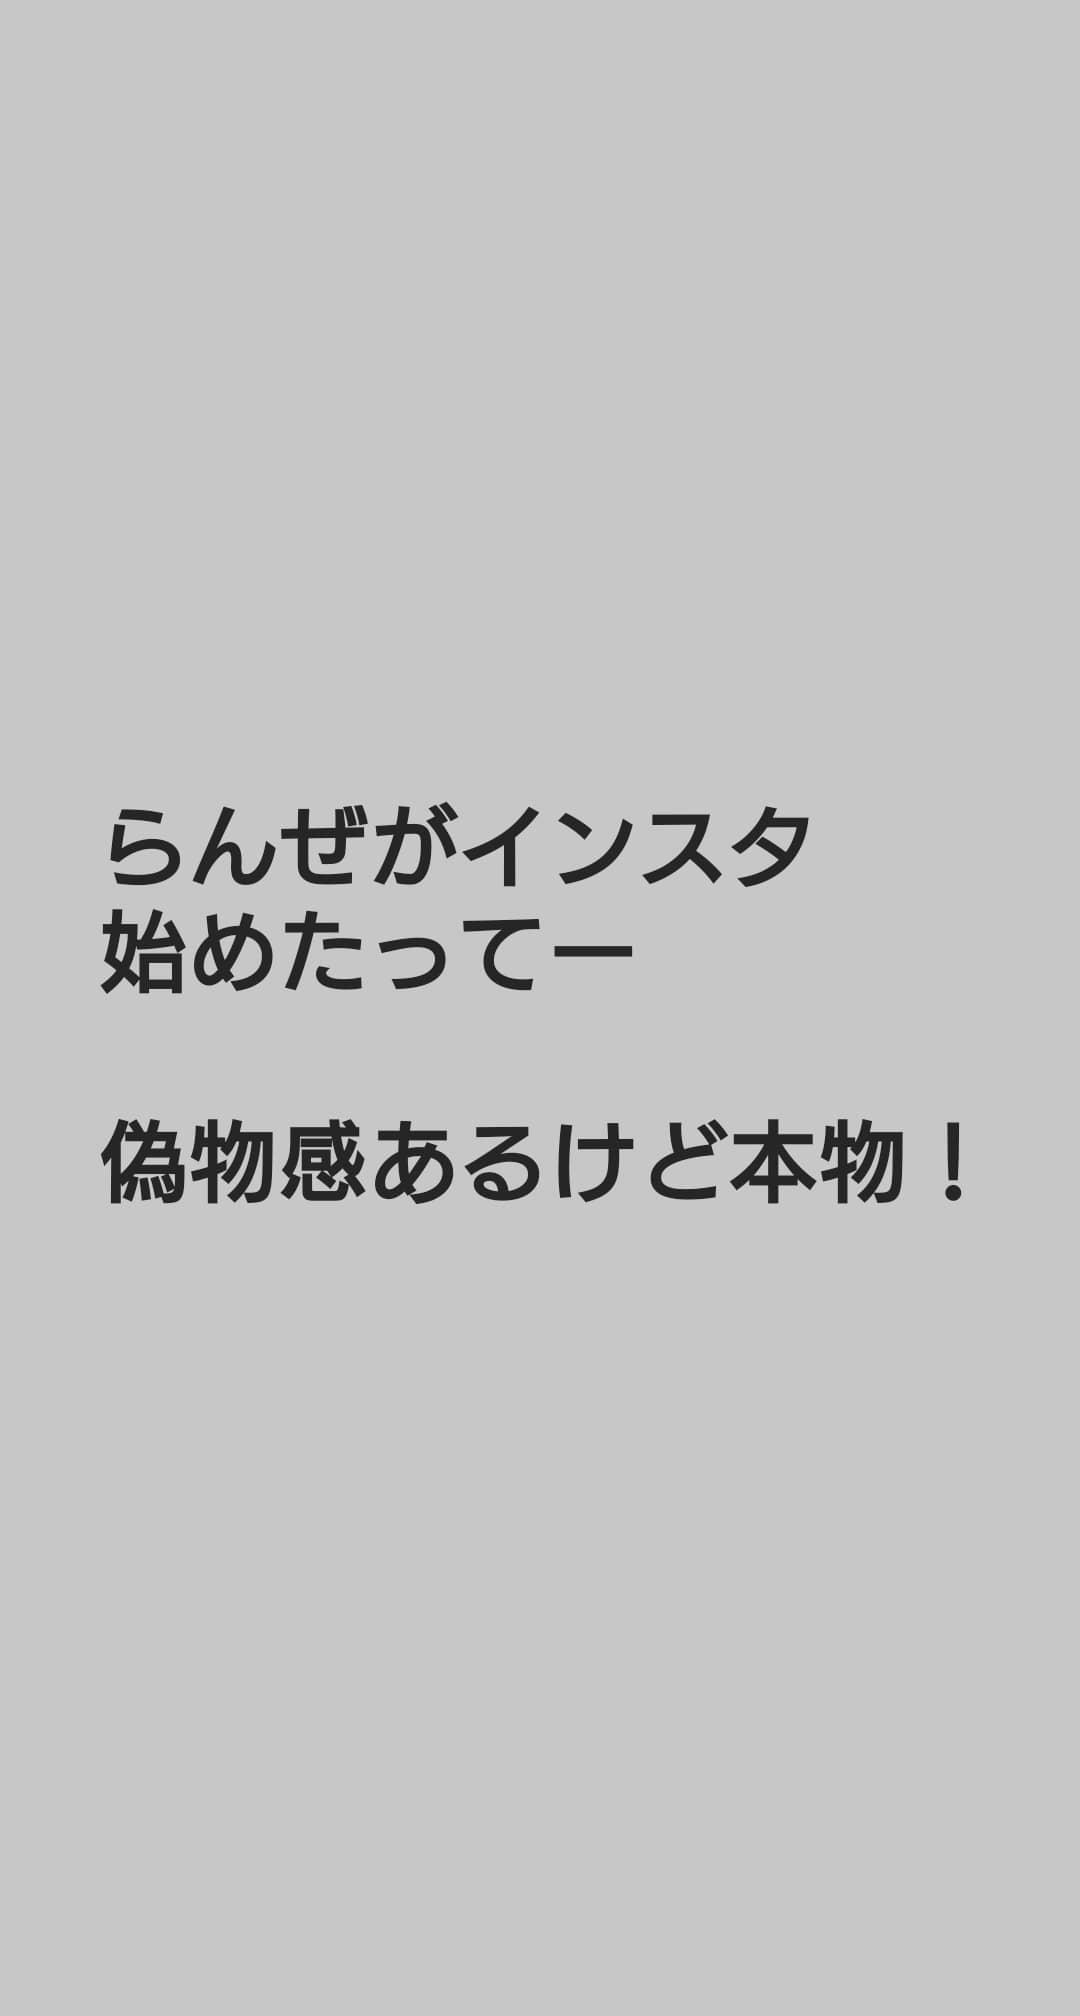 佐々木琴子「らんぜがインスタ始めたってー、偽物感あるけど本物!」